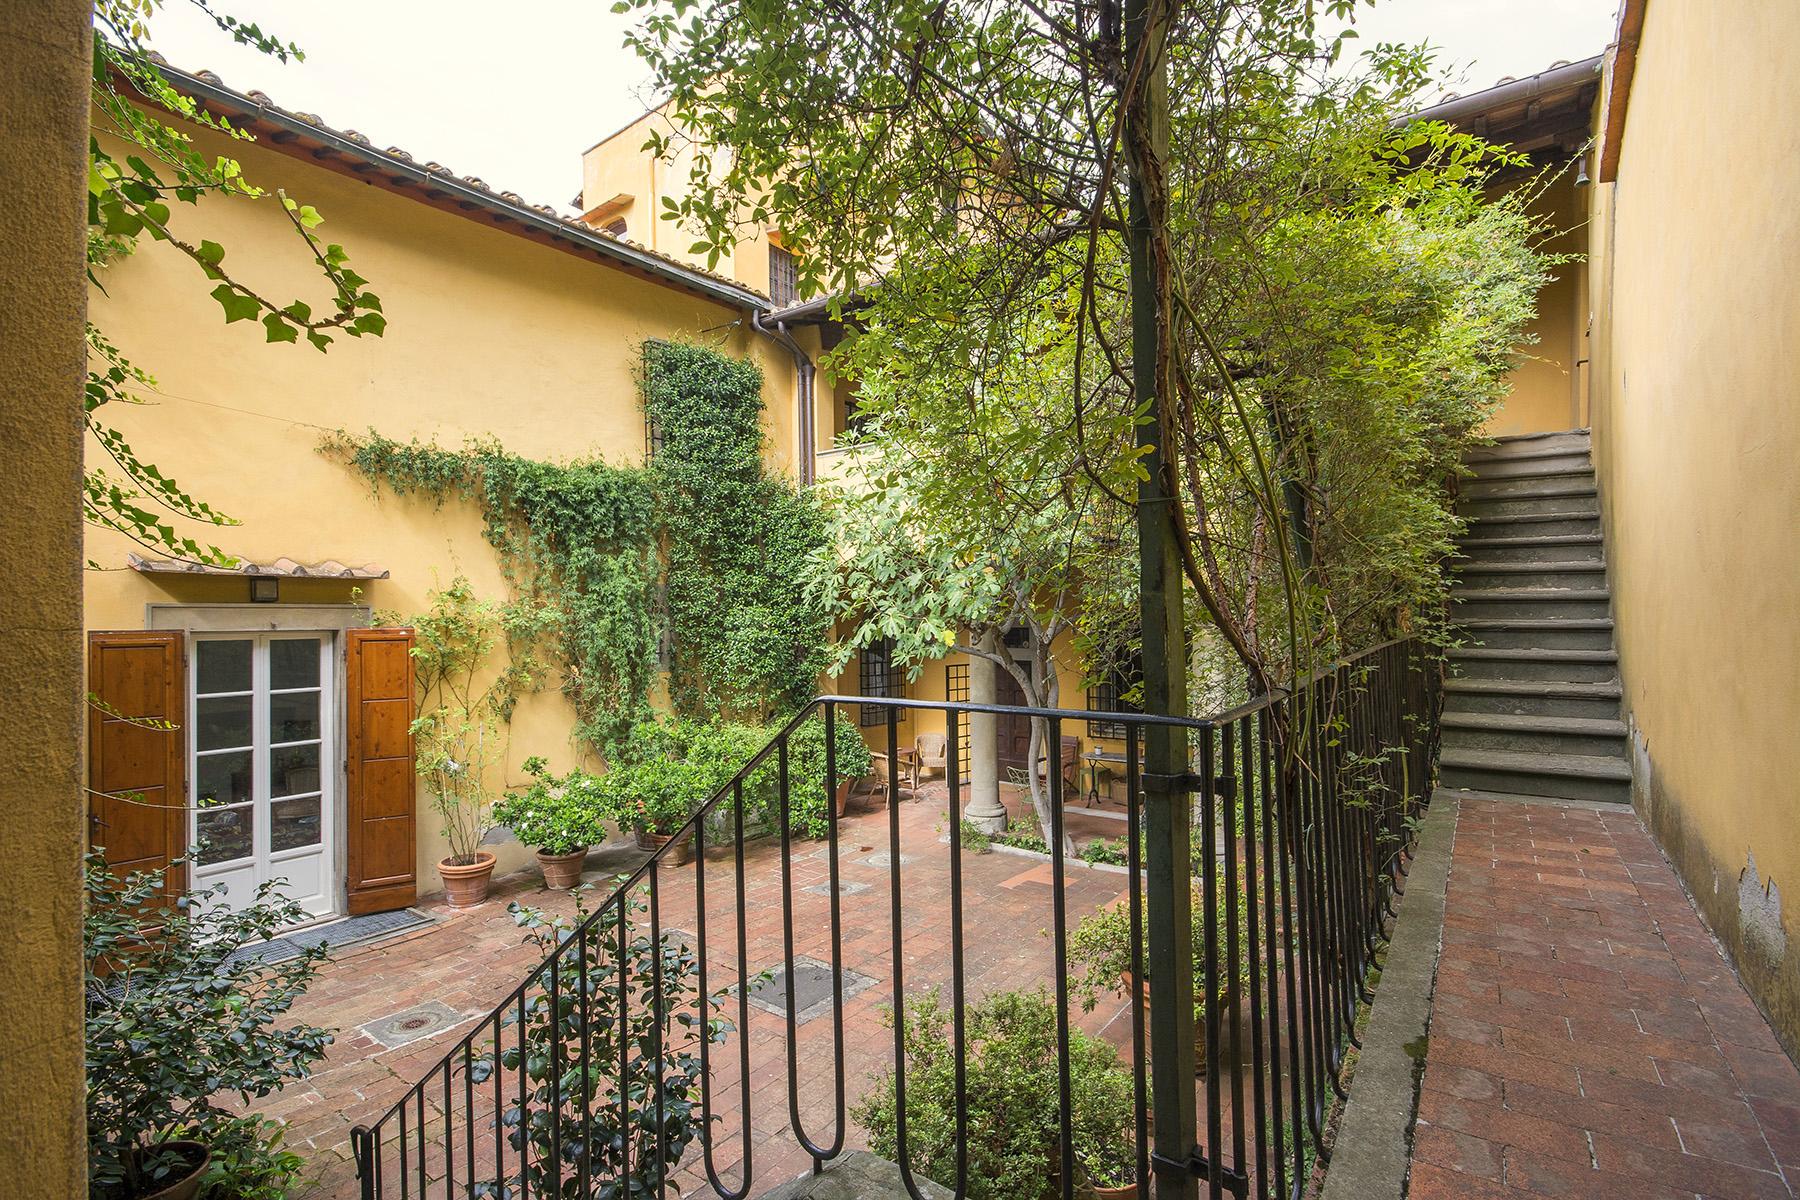 Villa in Vendita a Firenze: 5 locali, 680 mq - Foto 11